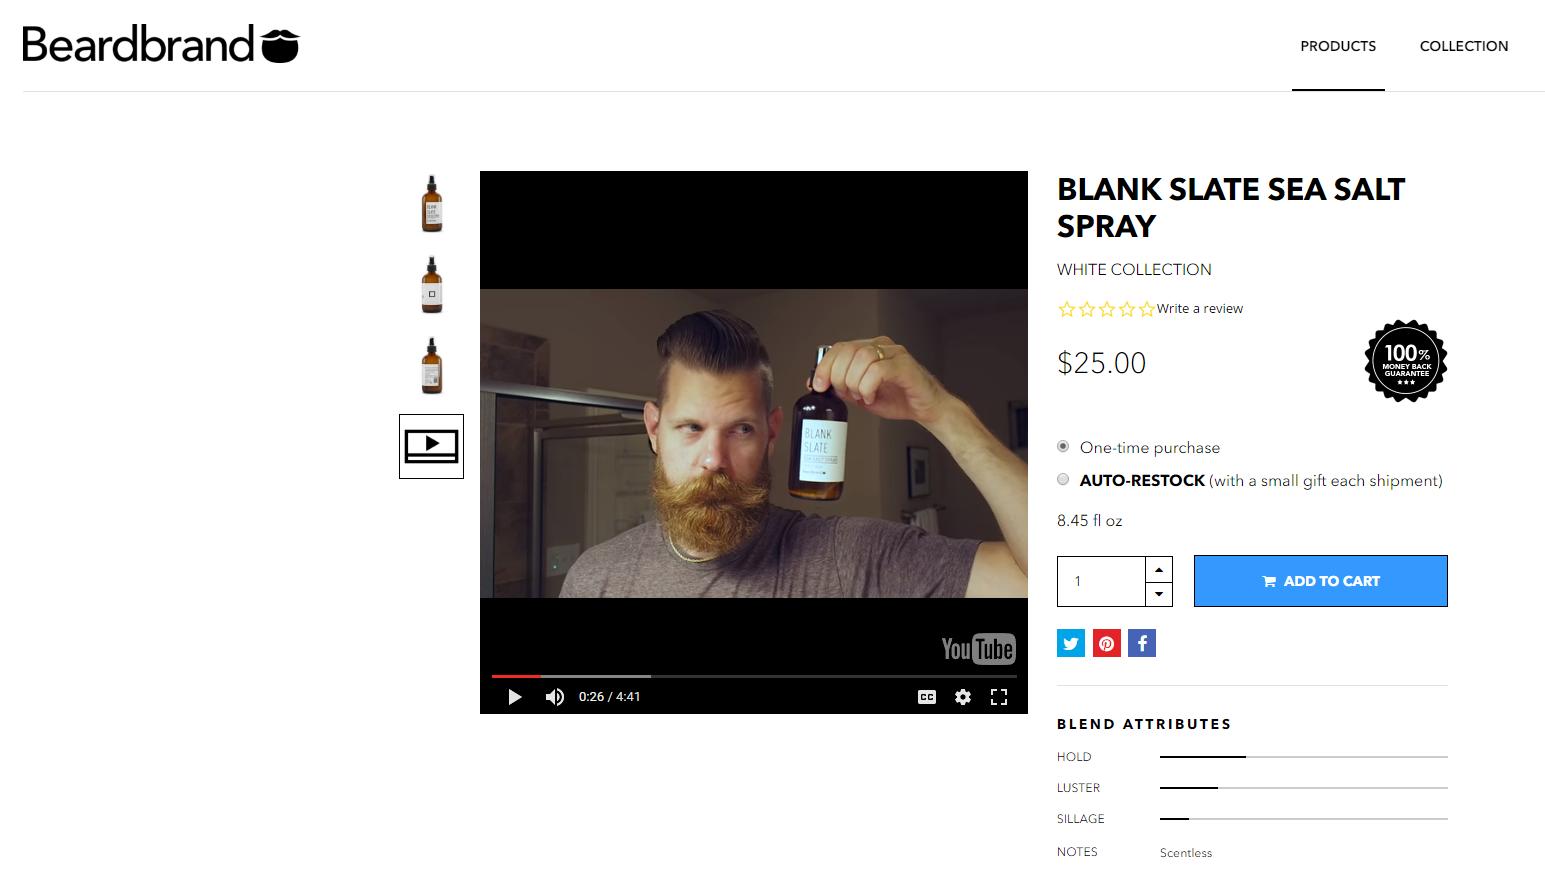 BeardBrandBlankSlateSeaSaltSpray